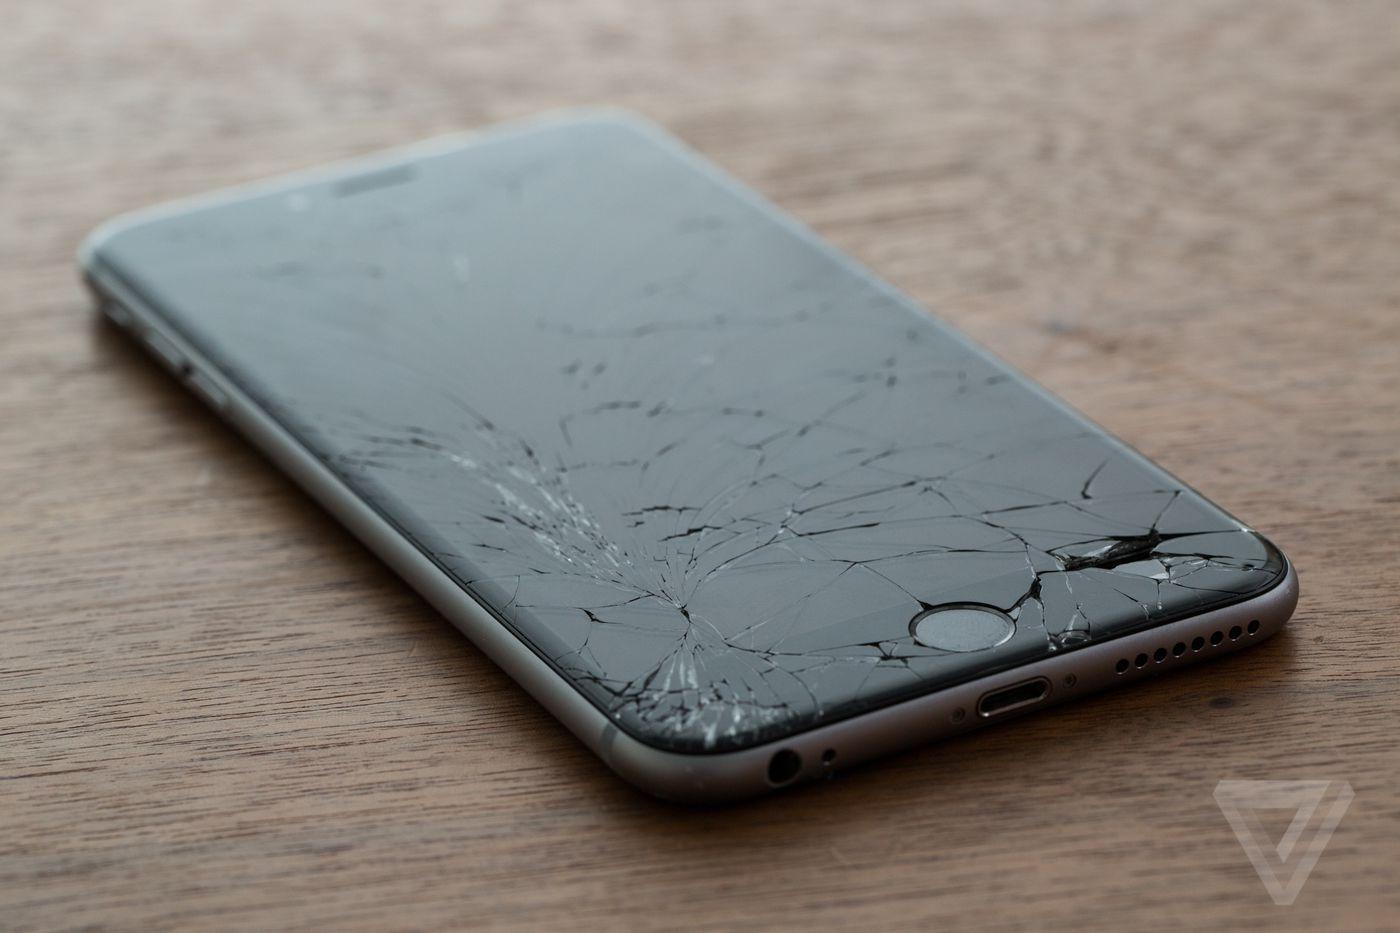 Apple đang làm việc với cảnh sát địa phương để tìm ra giải pháp khắc phục sự cố gia tăng các cuộc gọi khẩn cấp đến 911, bắt nguồn từ trung tâm phân phối và sửa chữa của công ty này ở Elk Grove, California. Sự tràn đến của những cuộc gọi này đã kéo dài trong nhiều tháng trời, trung bình 20 cuộc gọi mỗi ngày và tổng cộng trên 1.600 cuộc kể từ tháng 10. Điều phối viên của 911 chỉ nghe thấy sự im lặng và những tiếng nhân viên trò chuyện ngắt quãng liên tục khi có các cuộc gọi đến.